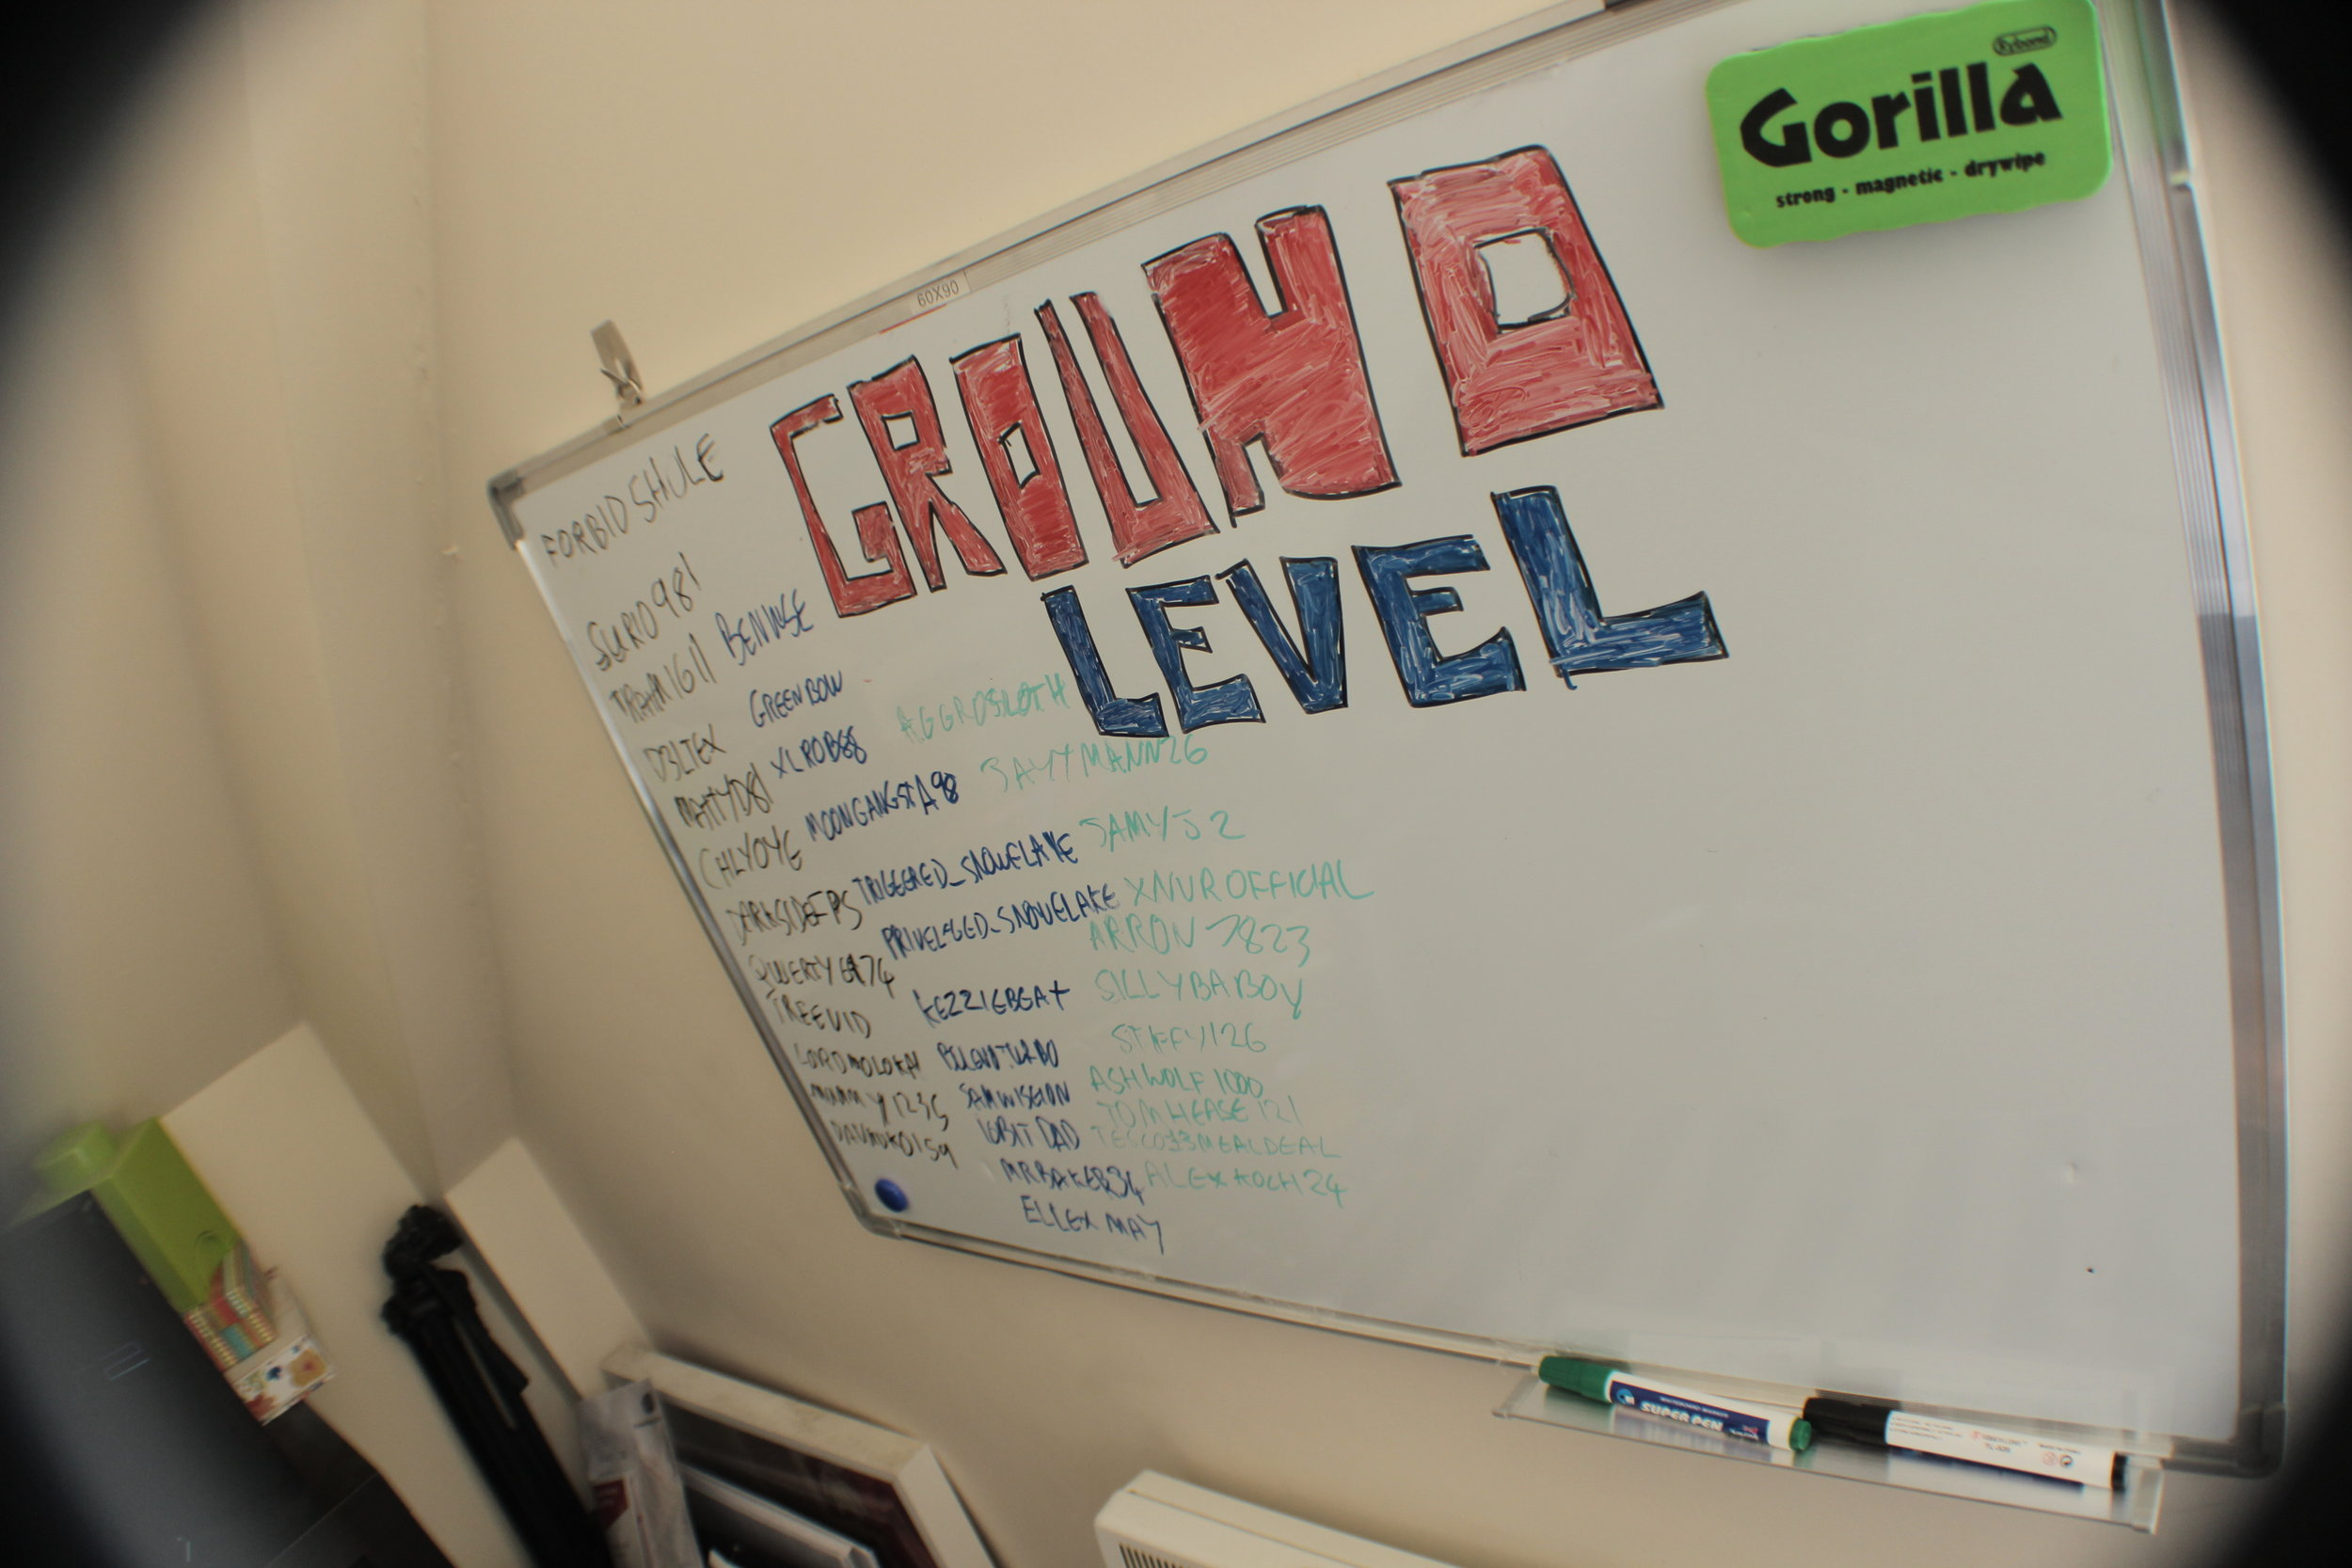 emotionengineer twitch ground level board